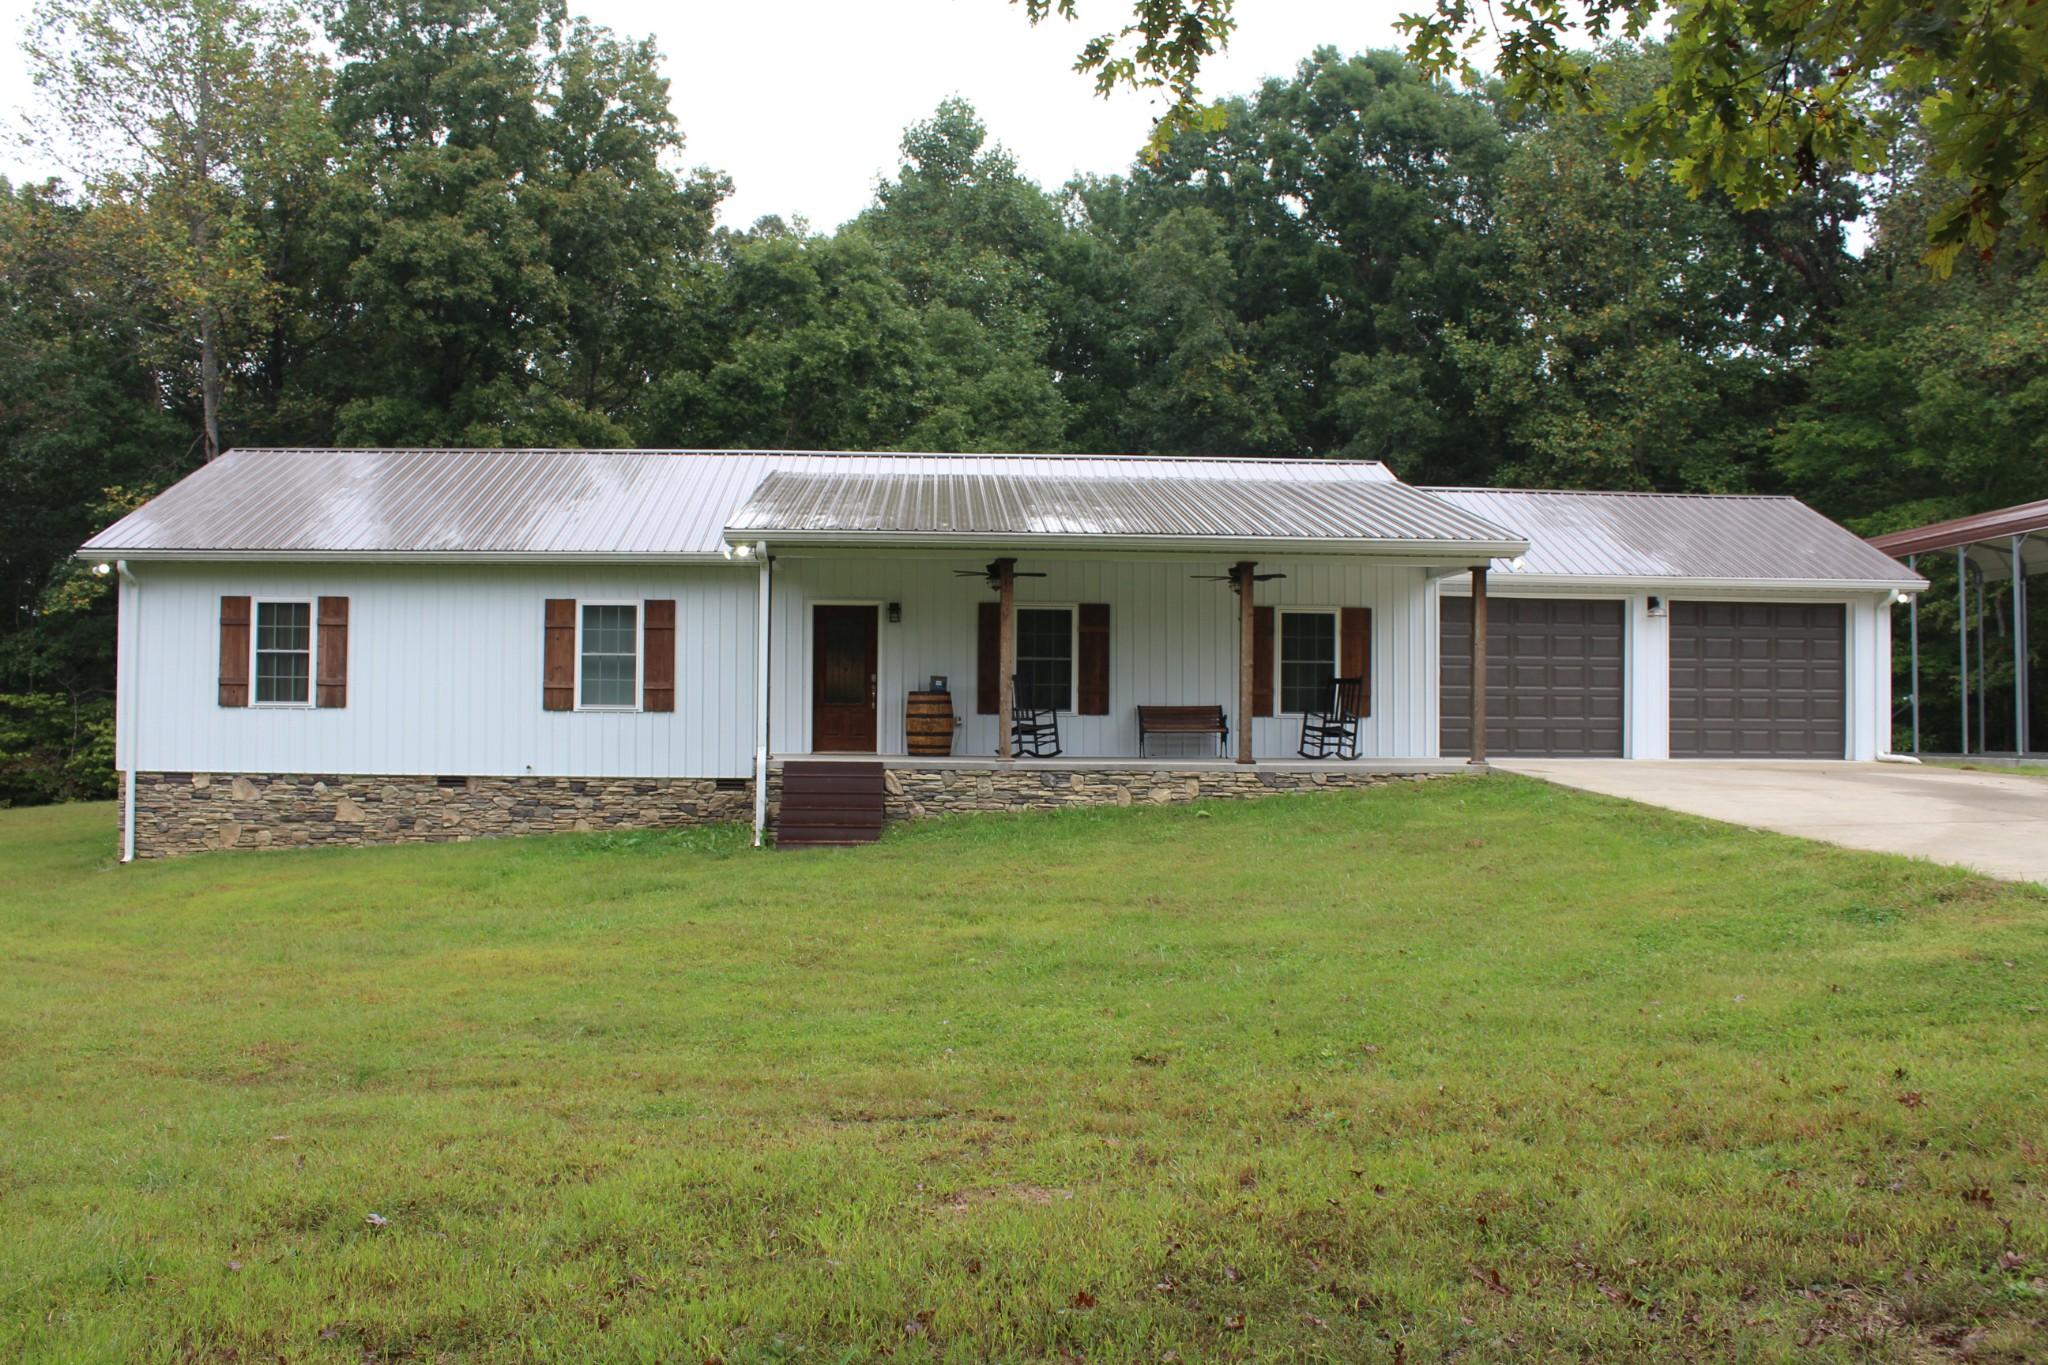 173 Deep Cut Rd, Erin, TN 37061